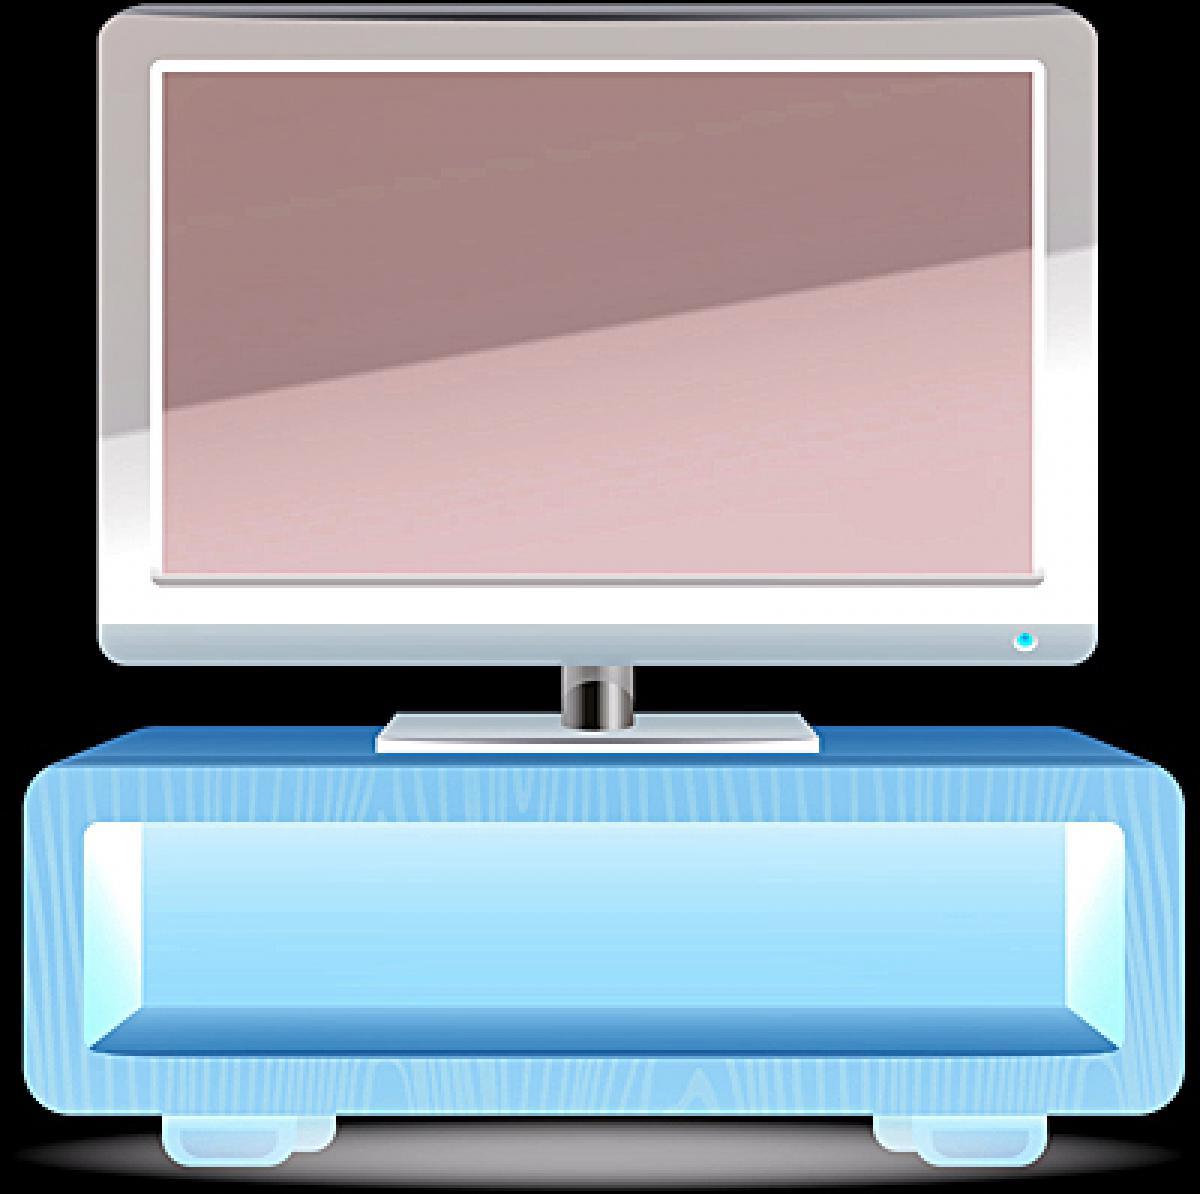 夢でテレビを楽しむのは、現状維持! 電源を切ってしまうと、怠けたい気持ち!? テレビの夢(Part2)